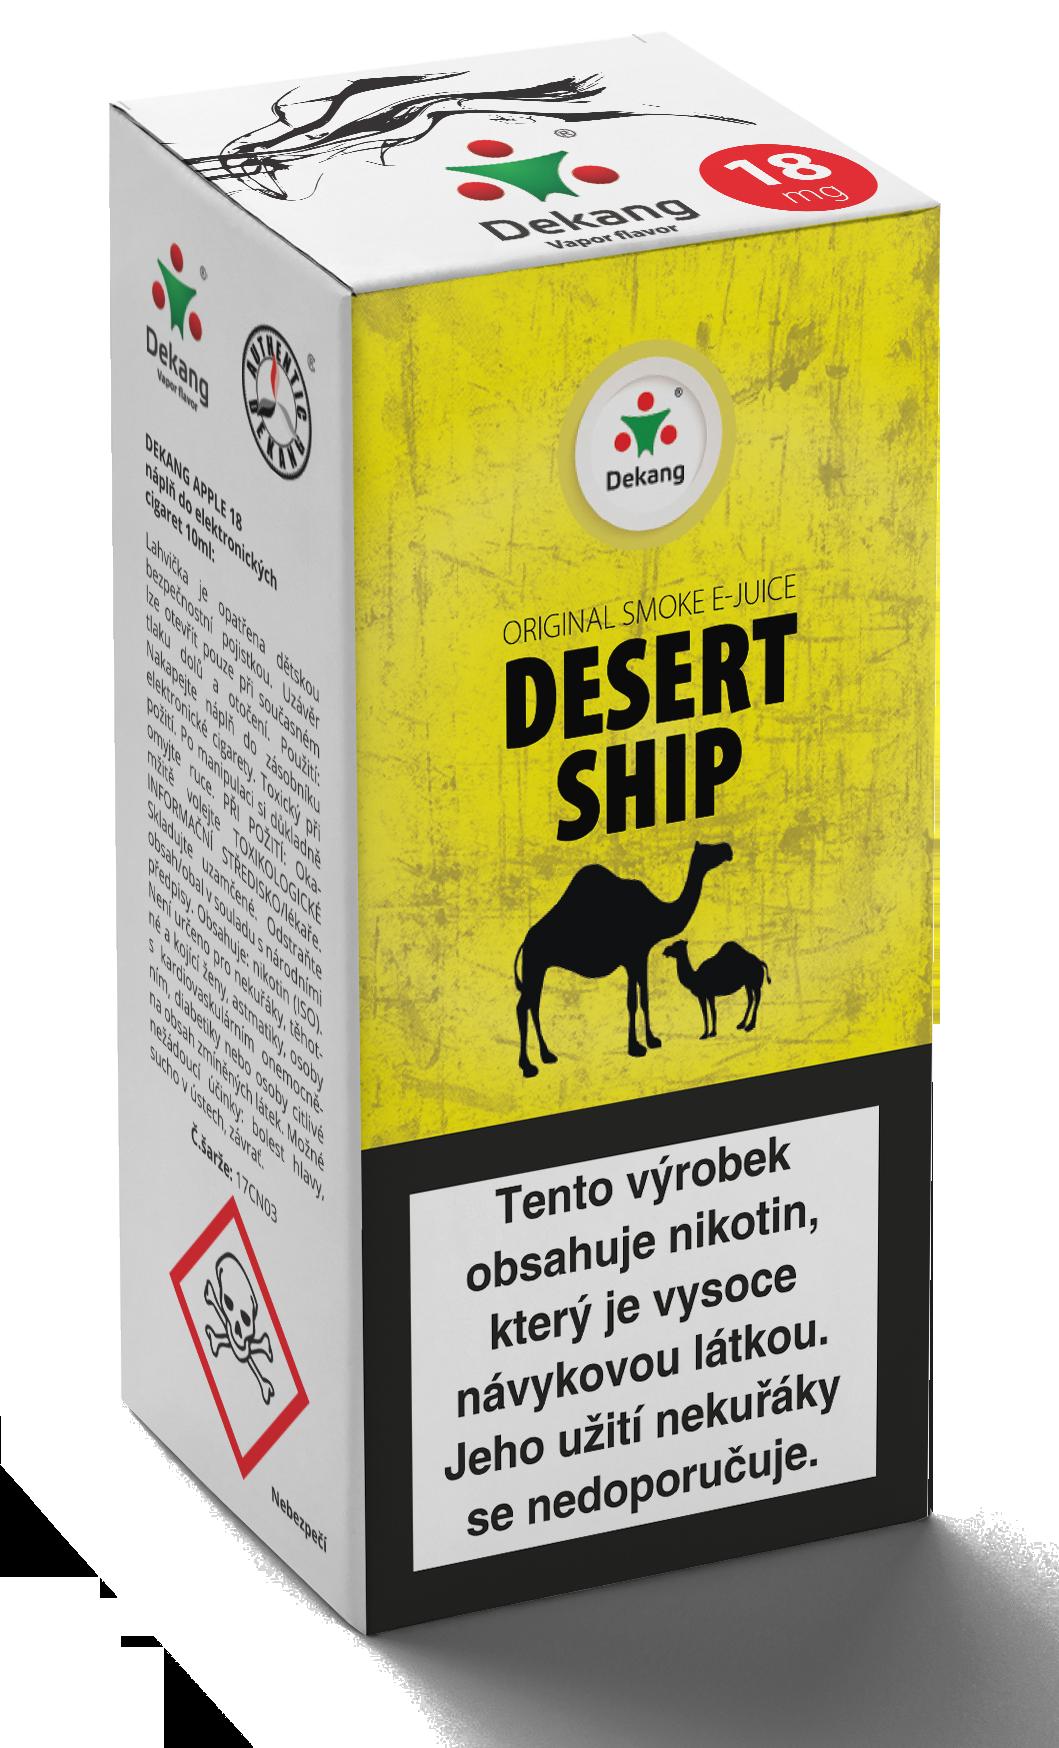 E-liquid Dekang 10ml Desert ship Množství nikotinu: 0mg